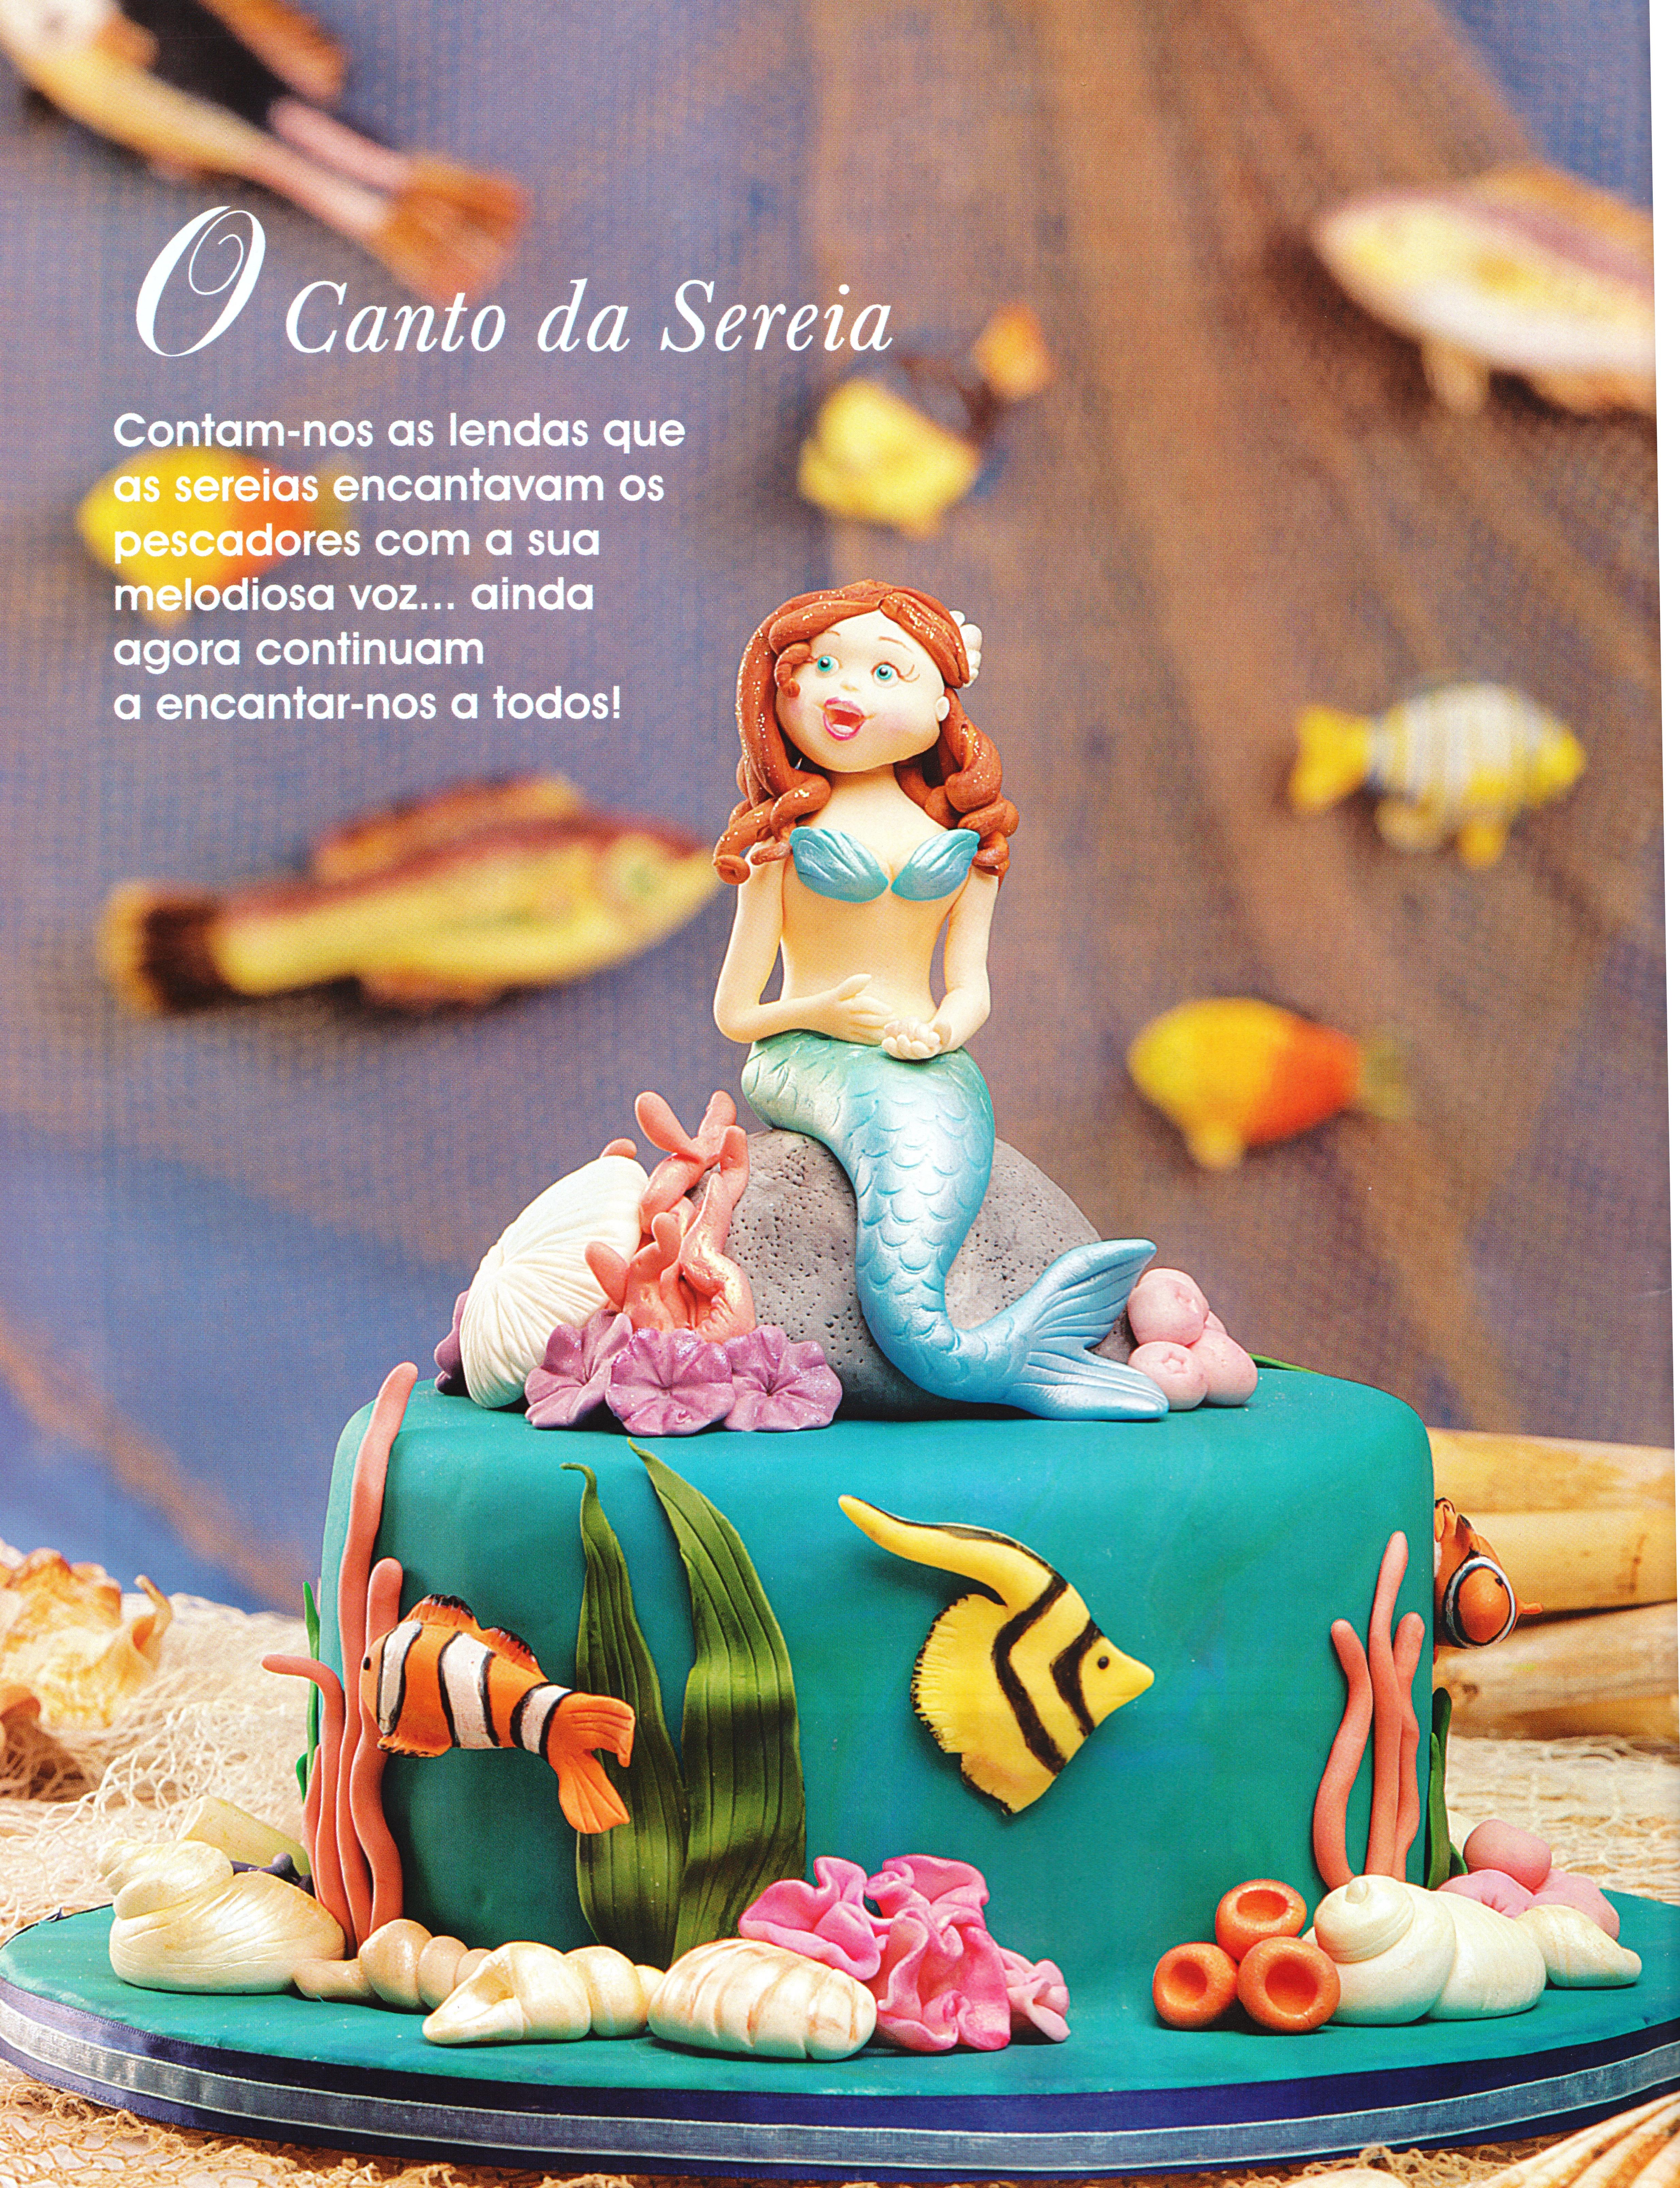 ff cake design 5 sereia